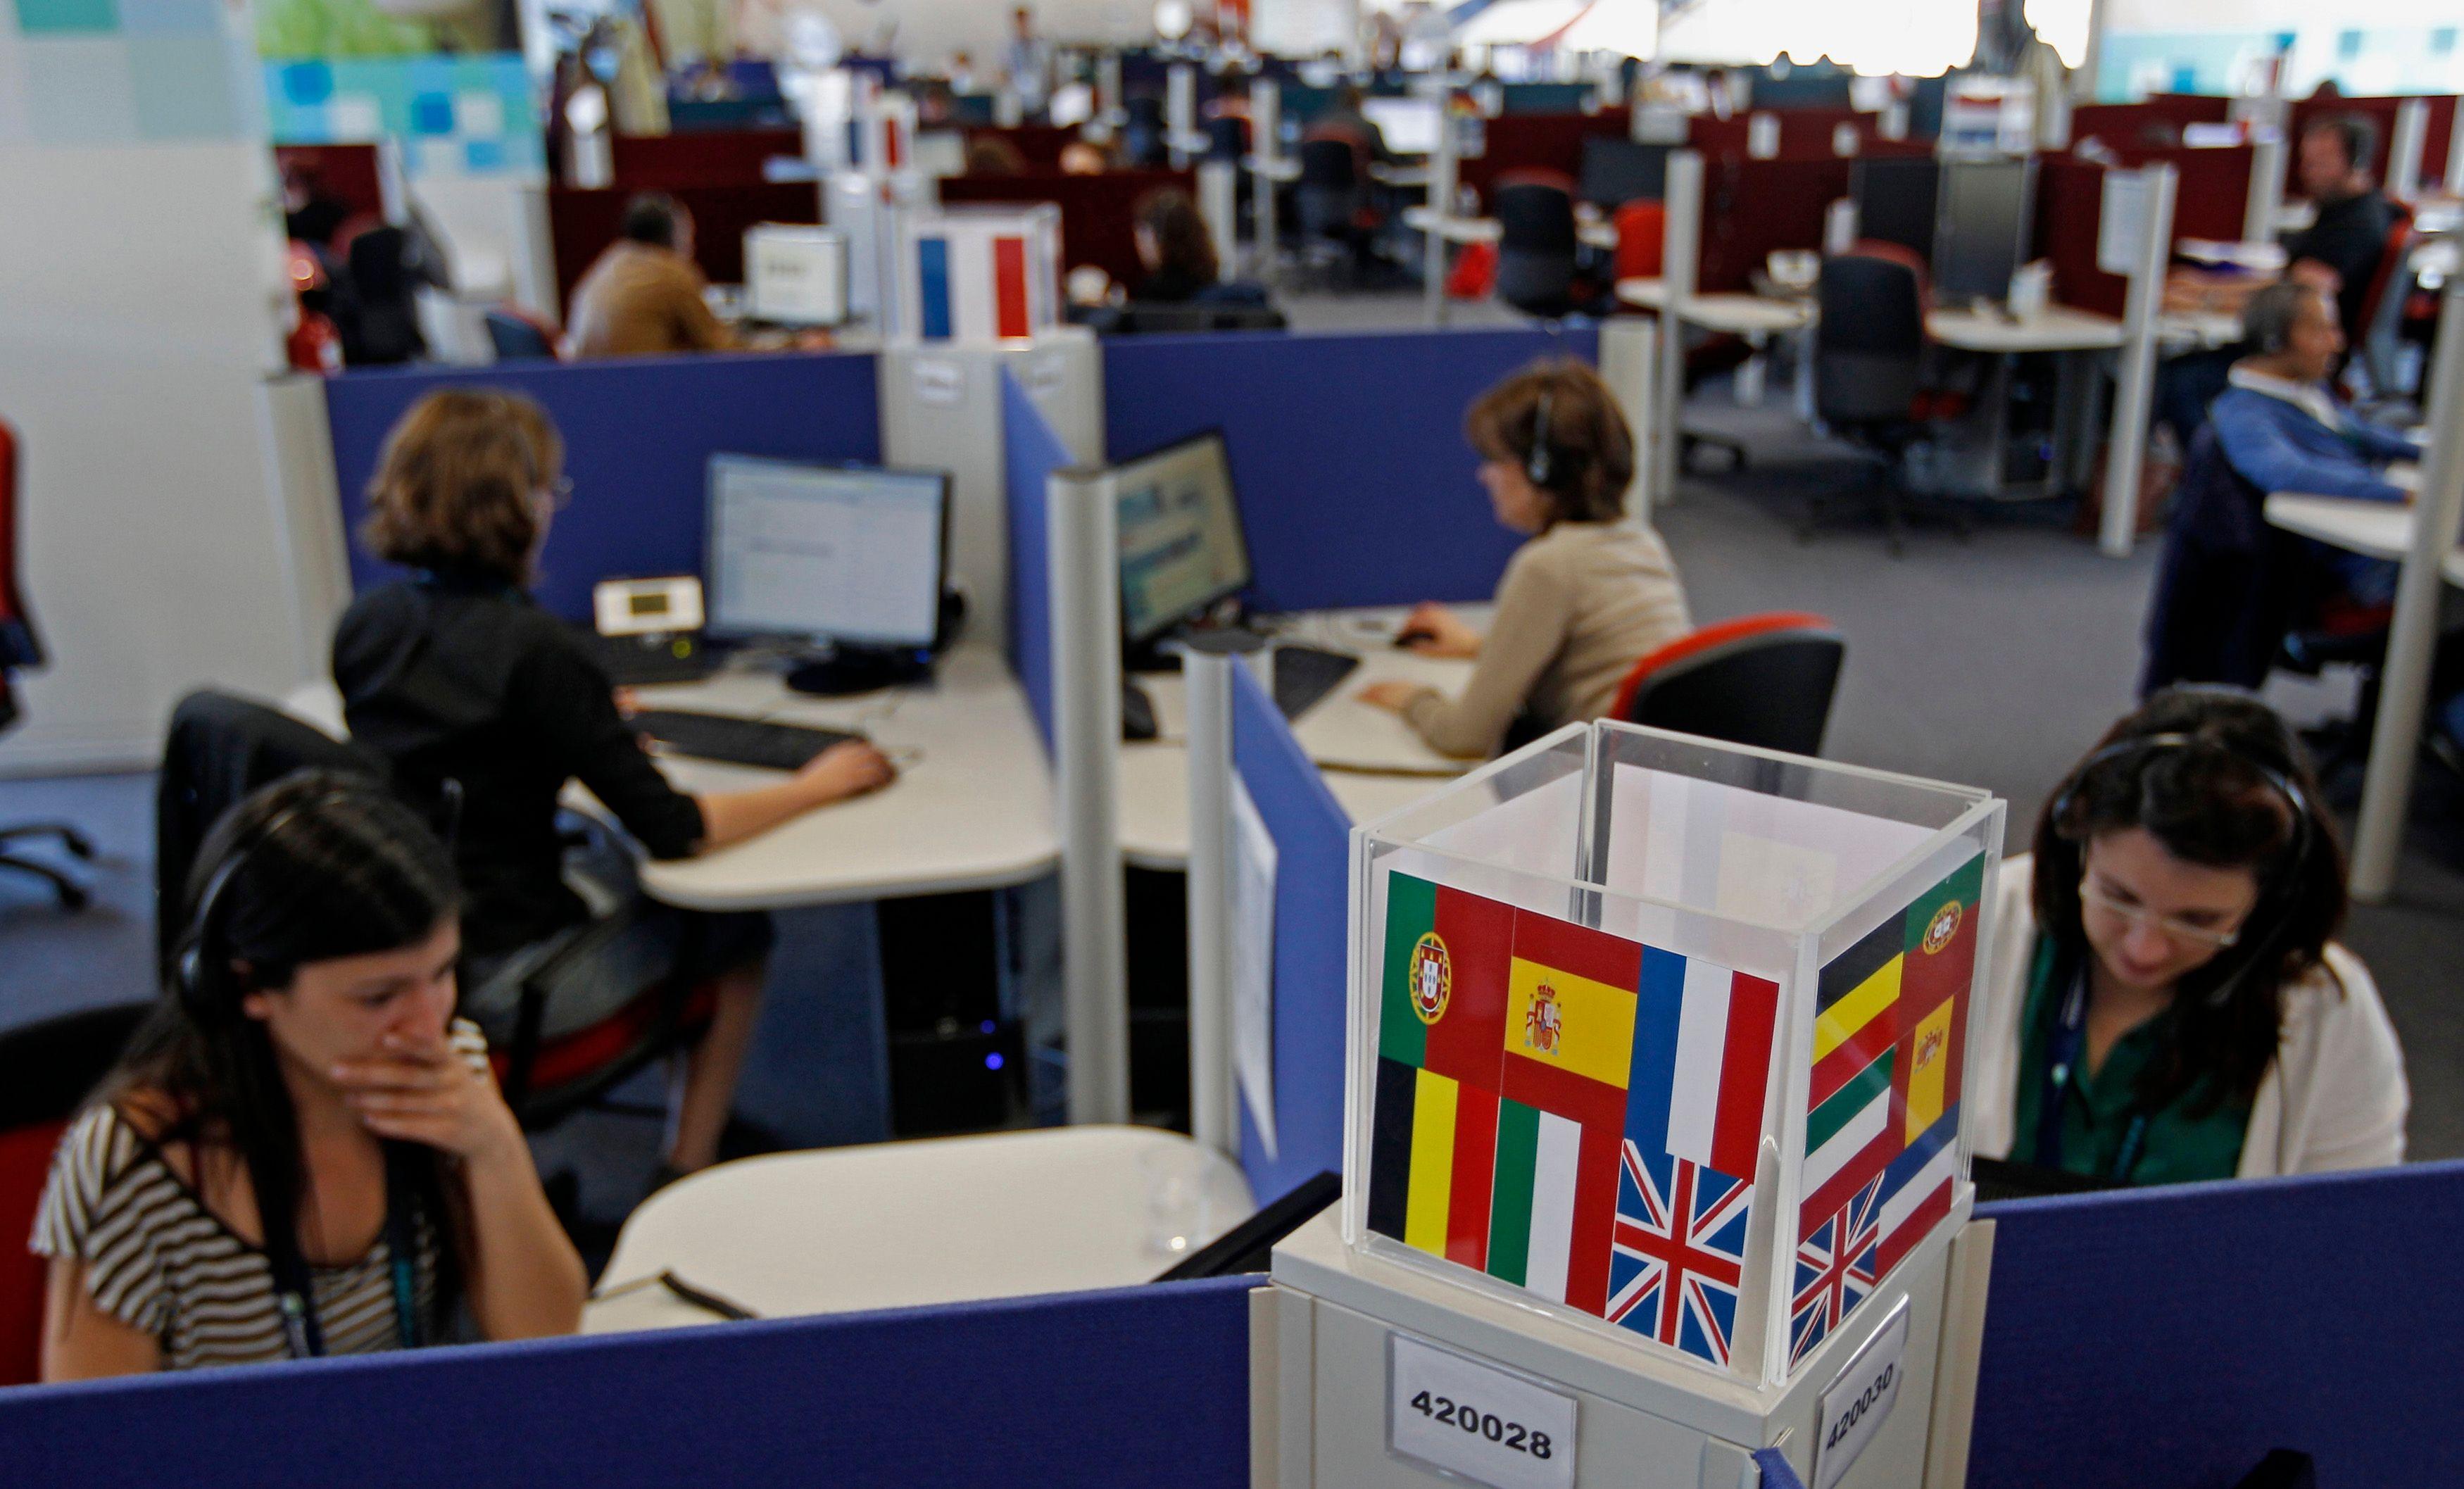 La problématique du bruit en open space est importante, les salariés ont beaucoup de mal à se concentrer.